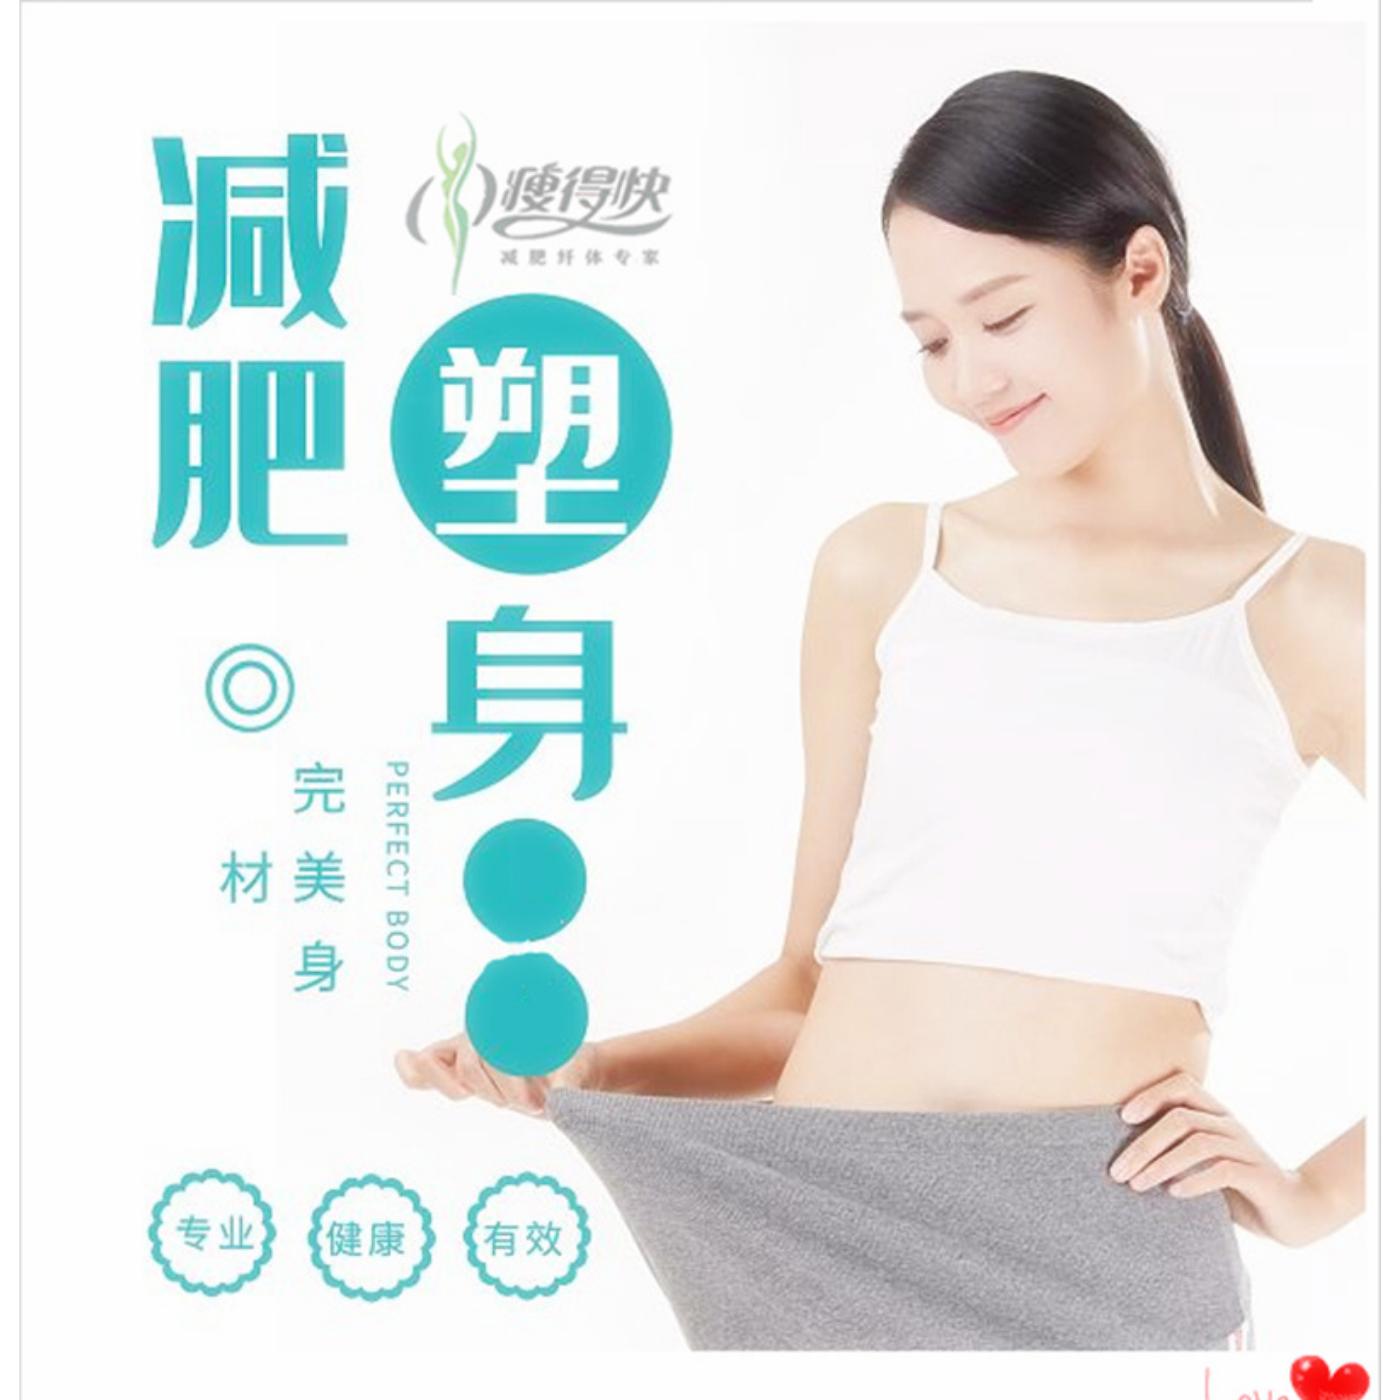 桂禾堂丨怎么减肥美体塑身